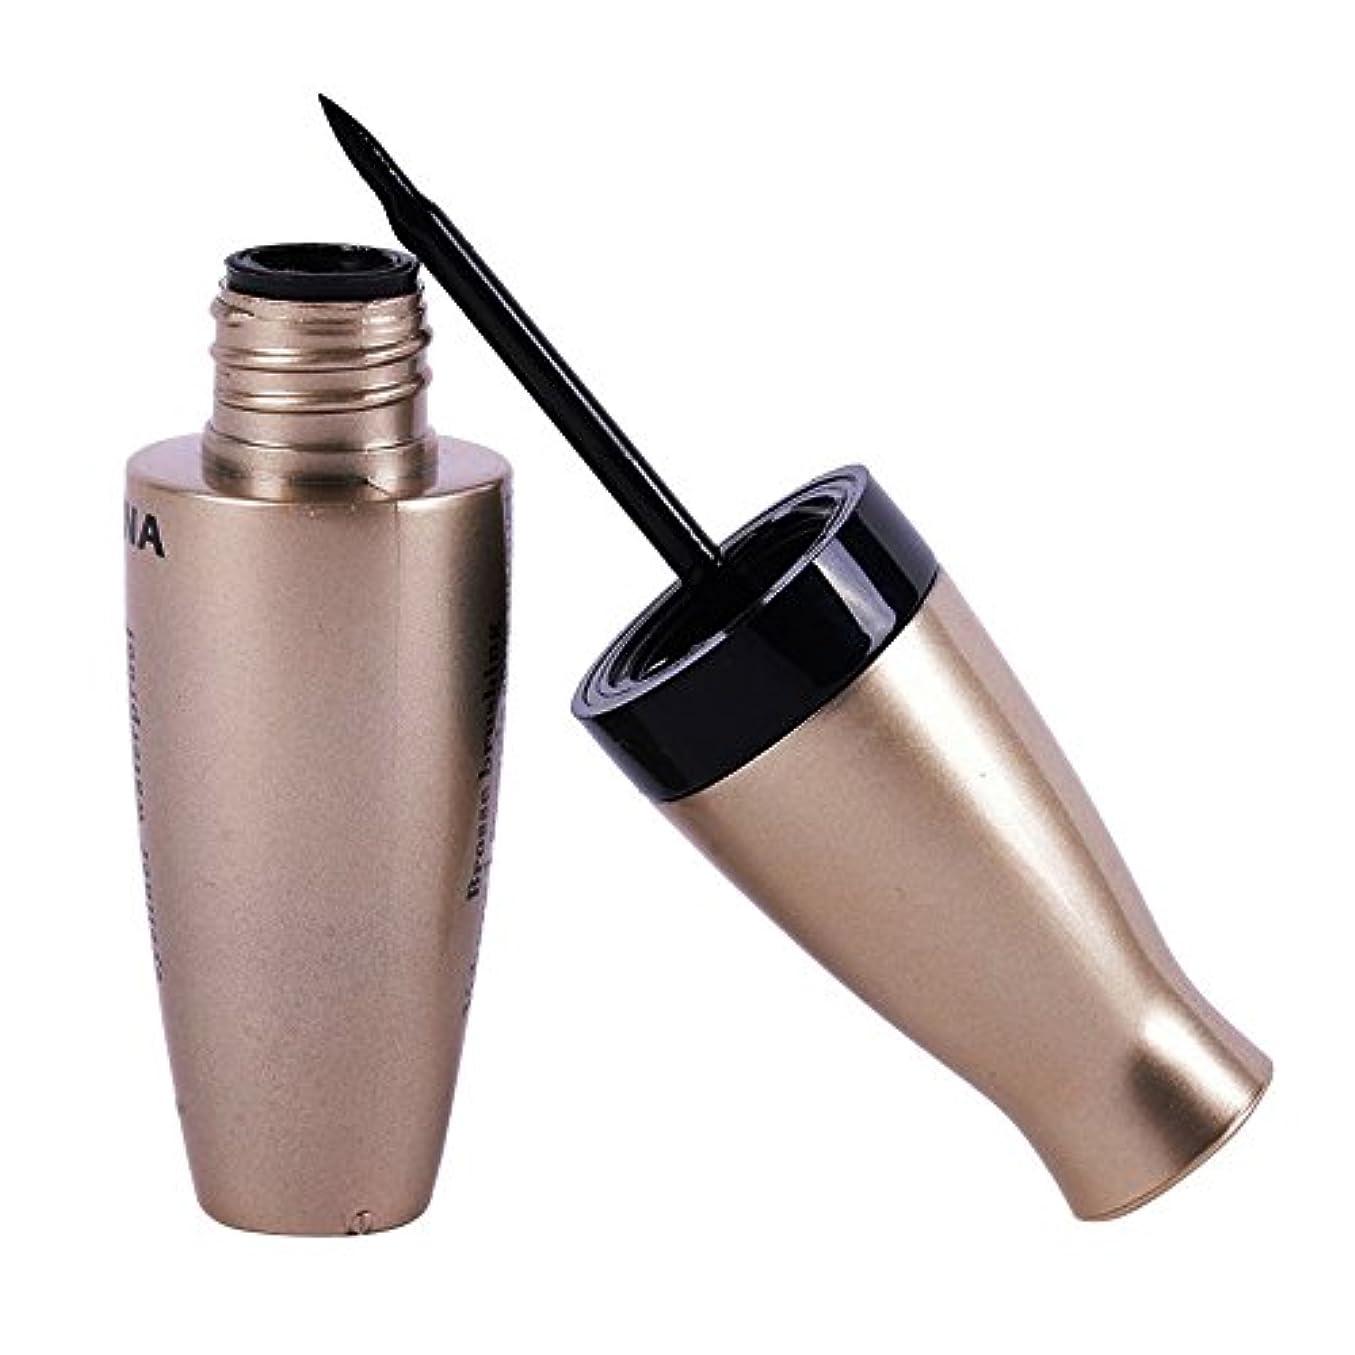 ベルト接触私の新しいアイライナー防水リキッドアイライナーペンシルペンメイクアップ美容化粧品